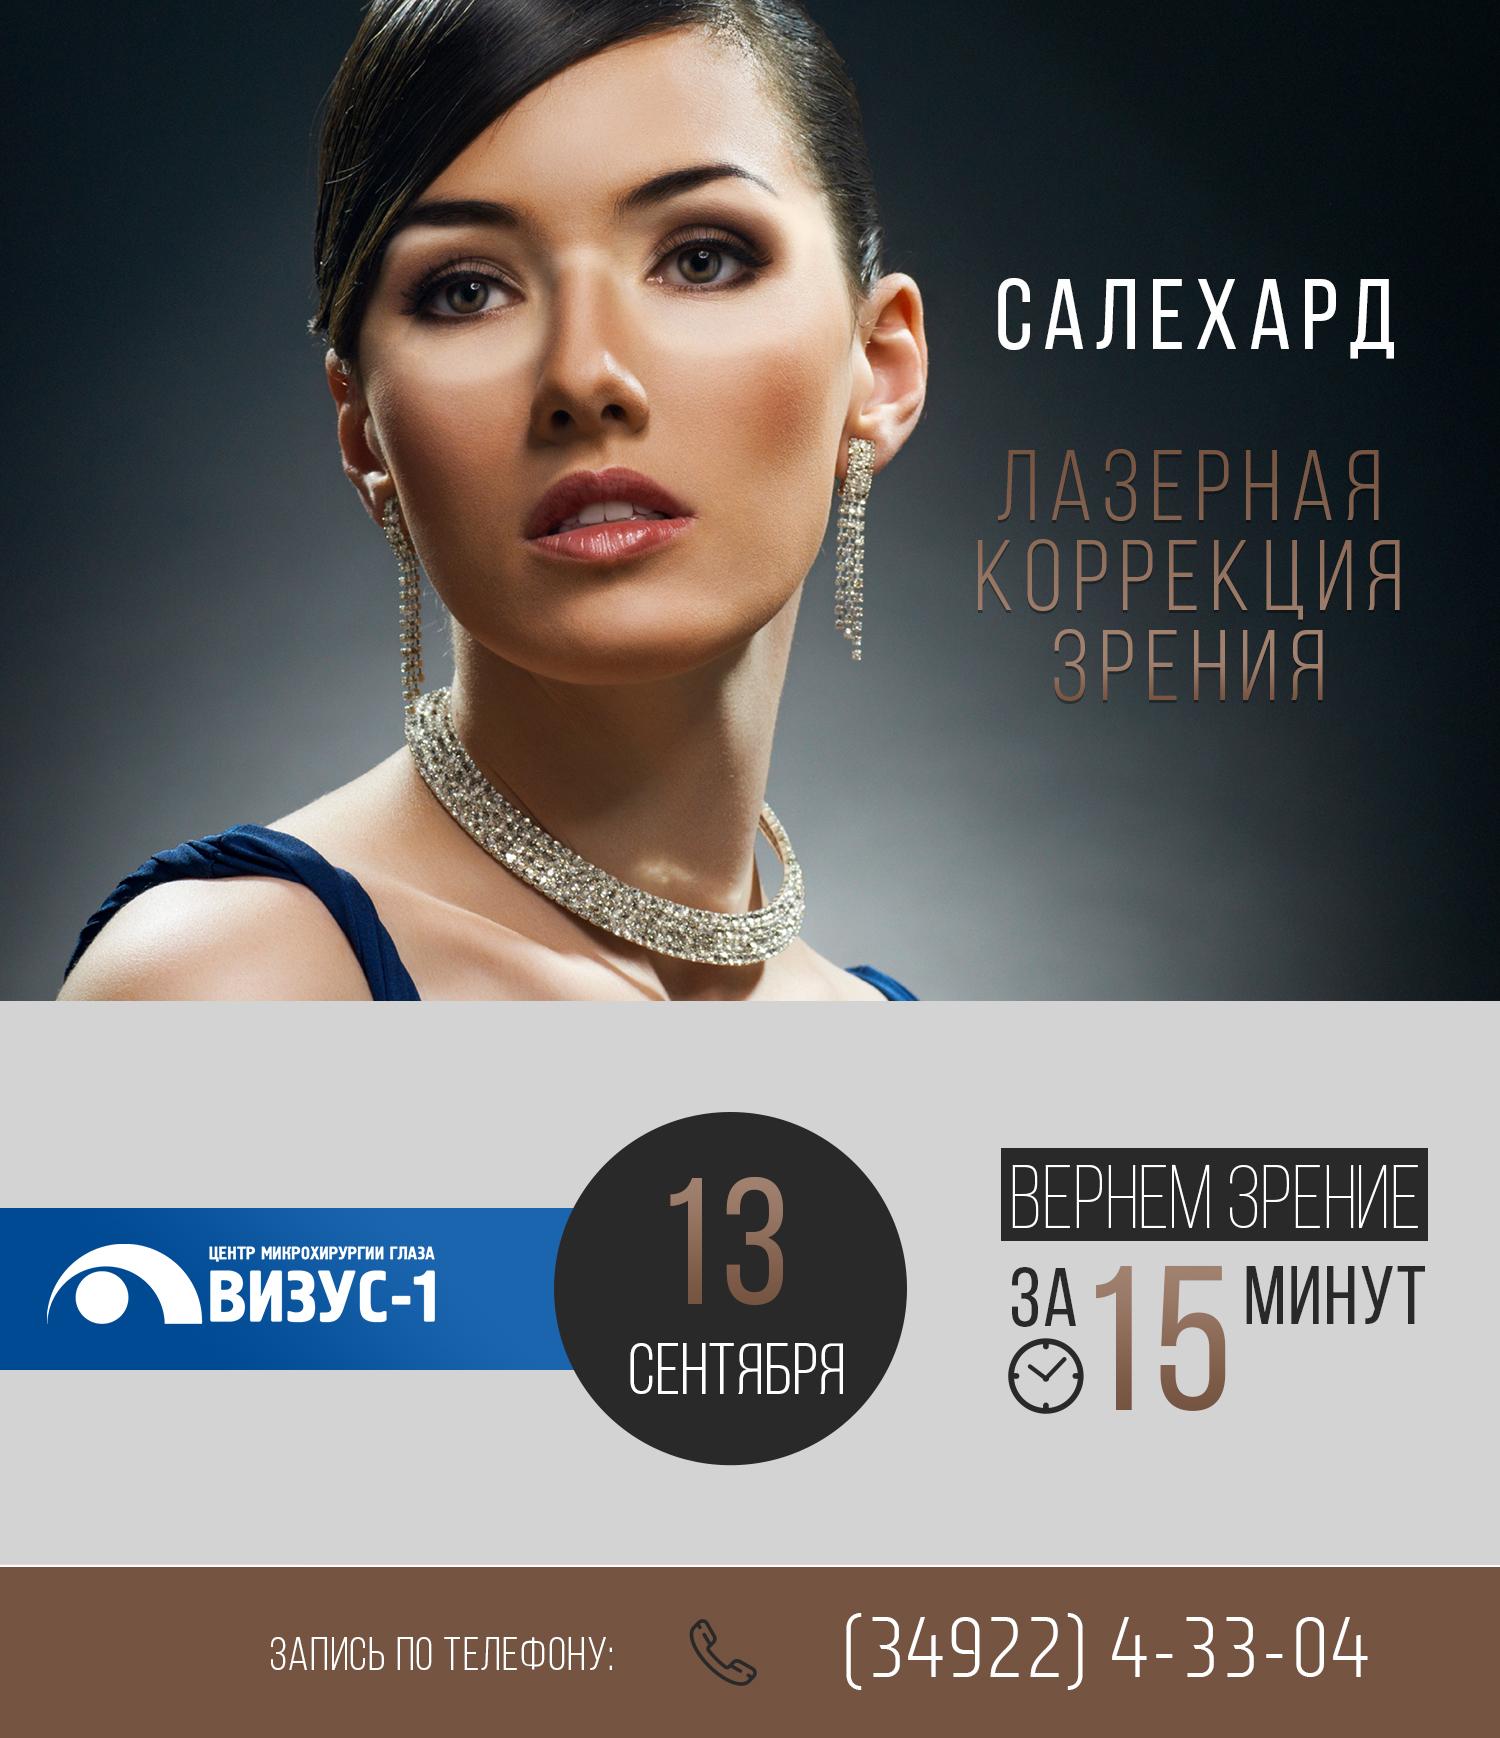 Ласик_13 сент_салехард